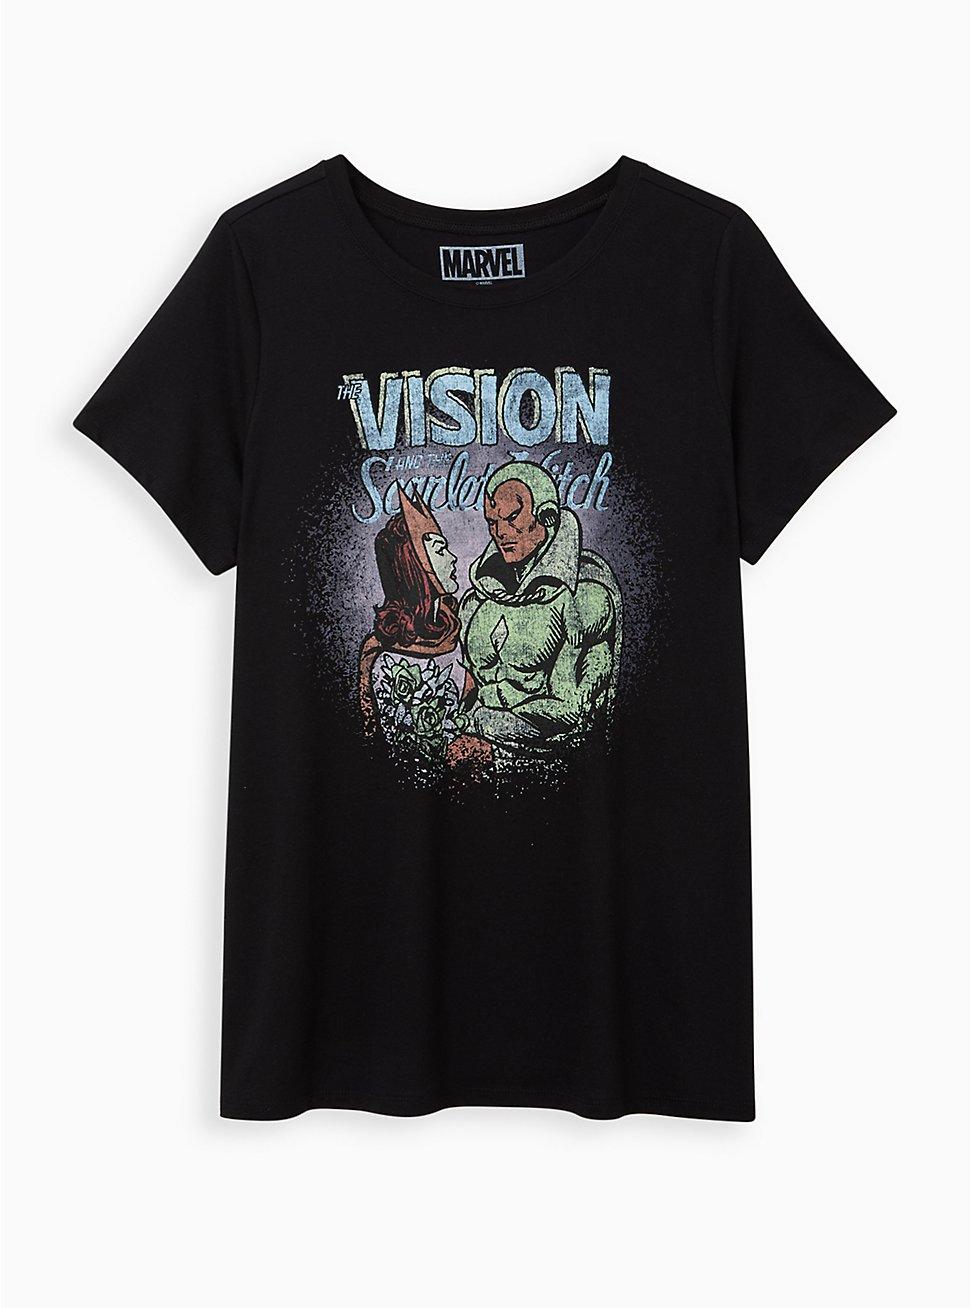 Slim Fit Crew Tee - Vision & Scarlet Witch Black, DEEP BLACK, hi-res